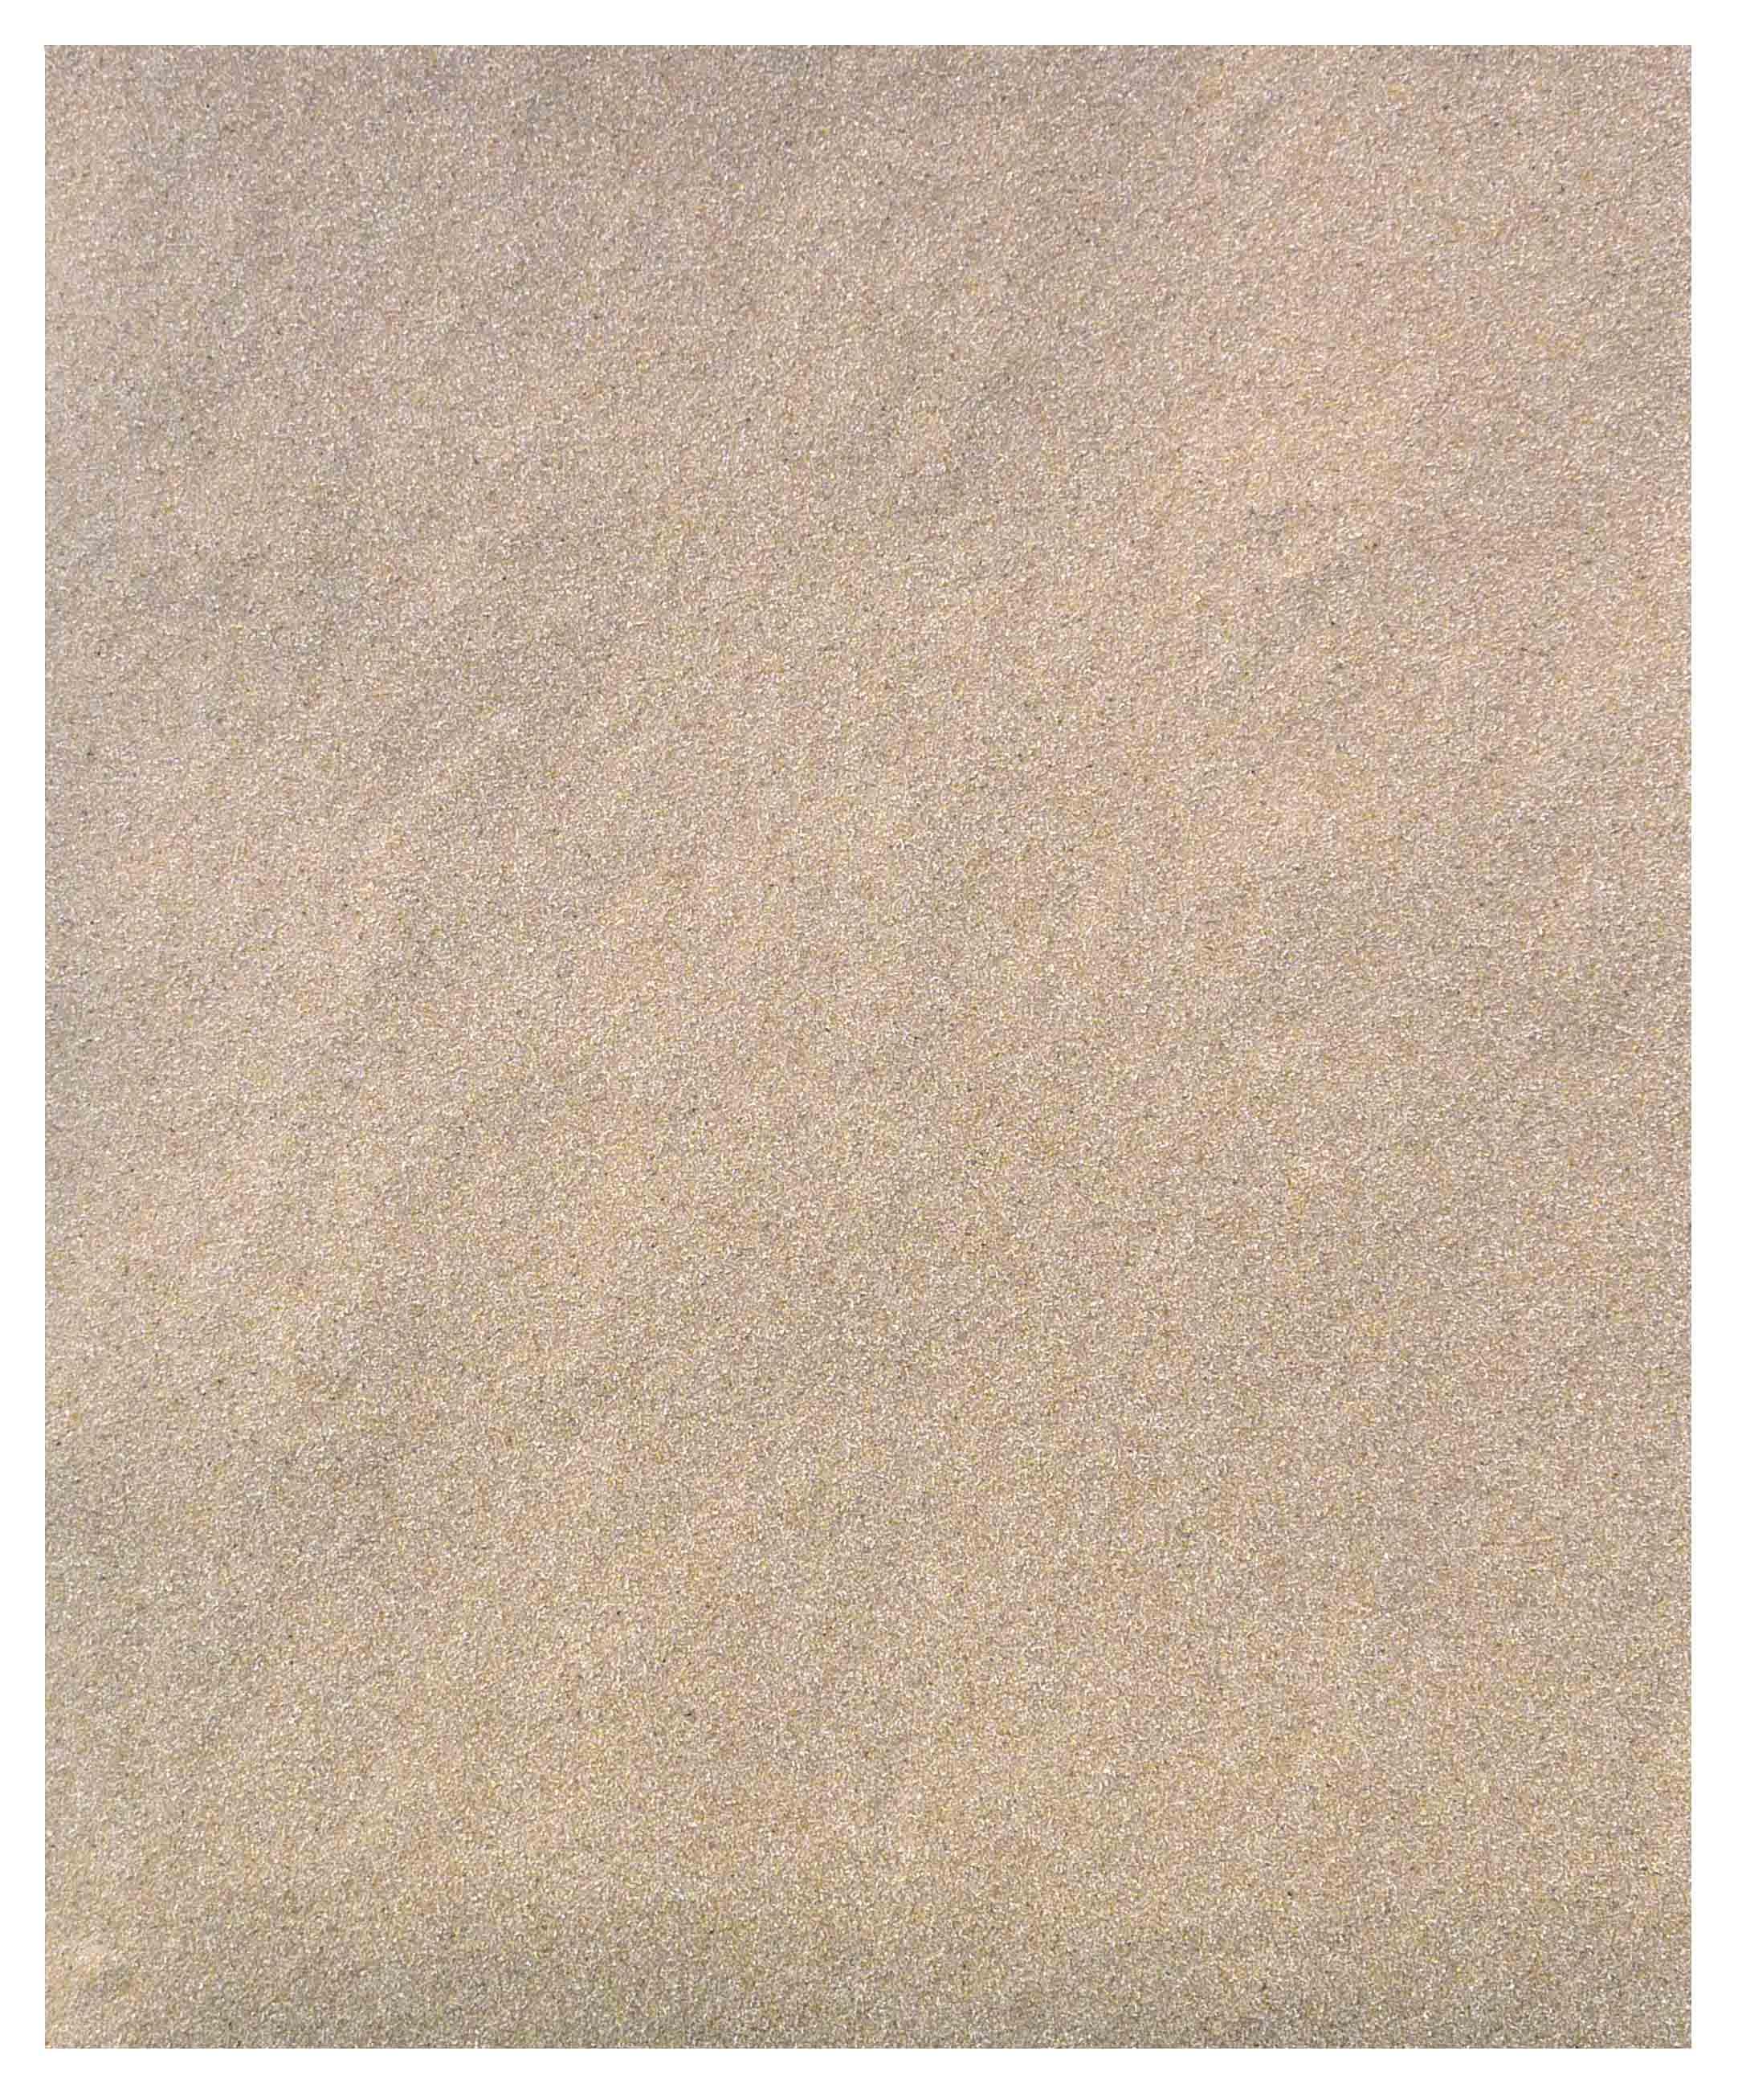 Papier silex 23x28 cm gr.120 - Lot de 4 feuilles